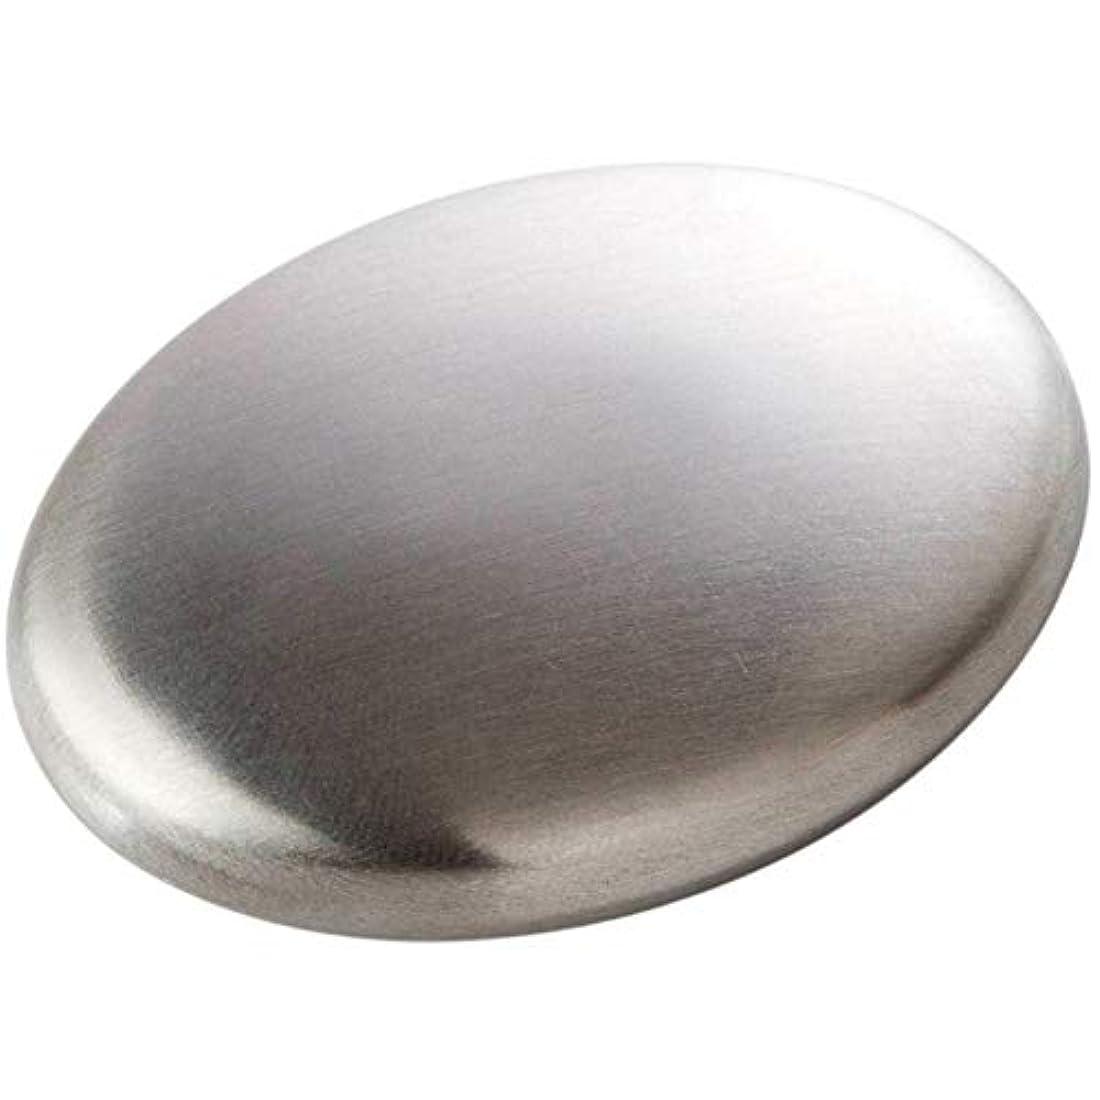 晩ごはん免疫配分せっけん ステンレス鋼 消臭 石鹸 にんにくと魚のような臭いを取り除き ステンレス鋼 臭気除去剤 匂い除去剤 最新型 人気 実用的 Cutelove